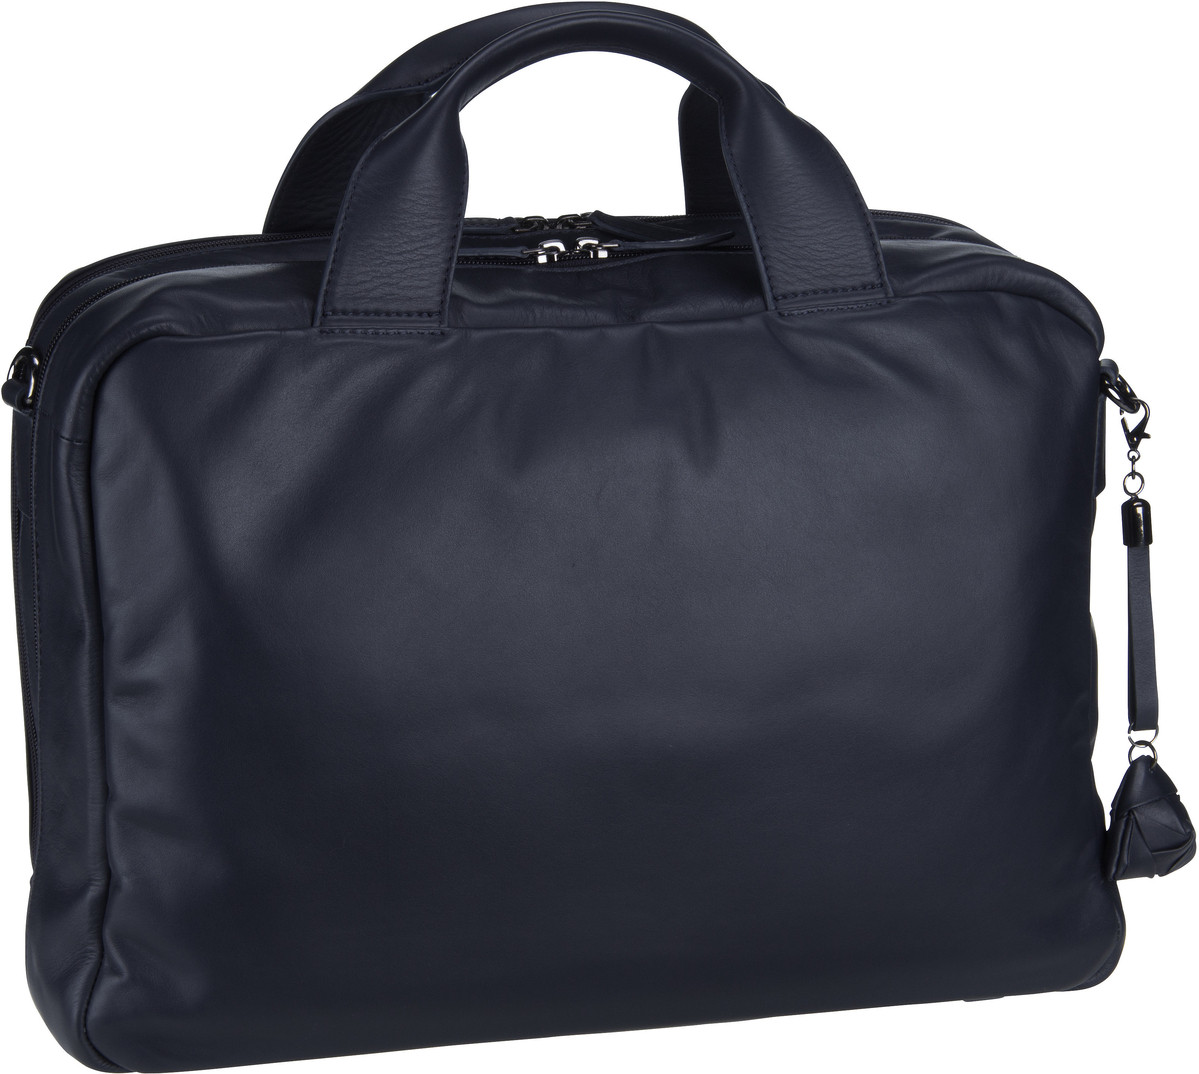 Businesstaschen für Frauen - Jost Aktentasche Alice Sara Ott 6010 Businessbag 2 Blau  - Onlineshop Taschenkaufhaus